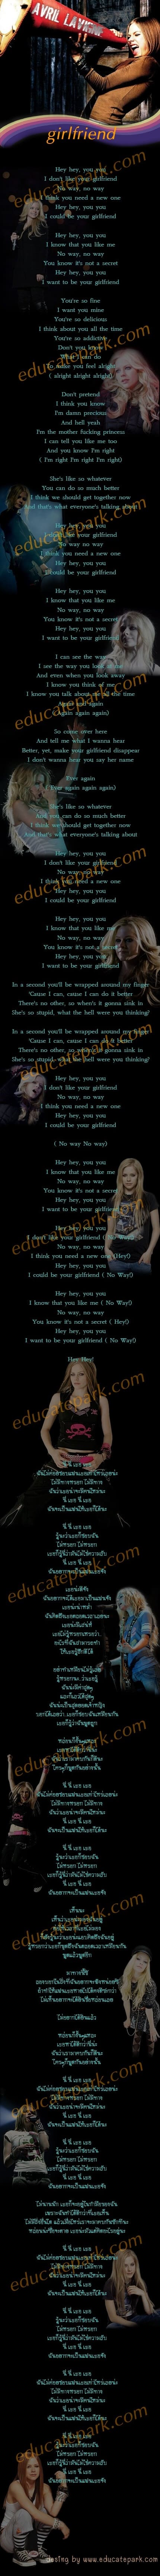 แปลเพลง Girlfriend - Avril Lavigne